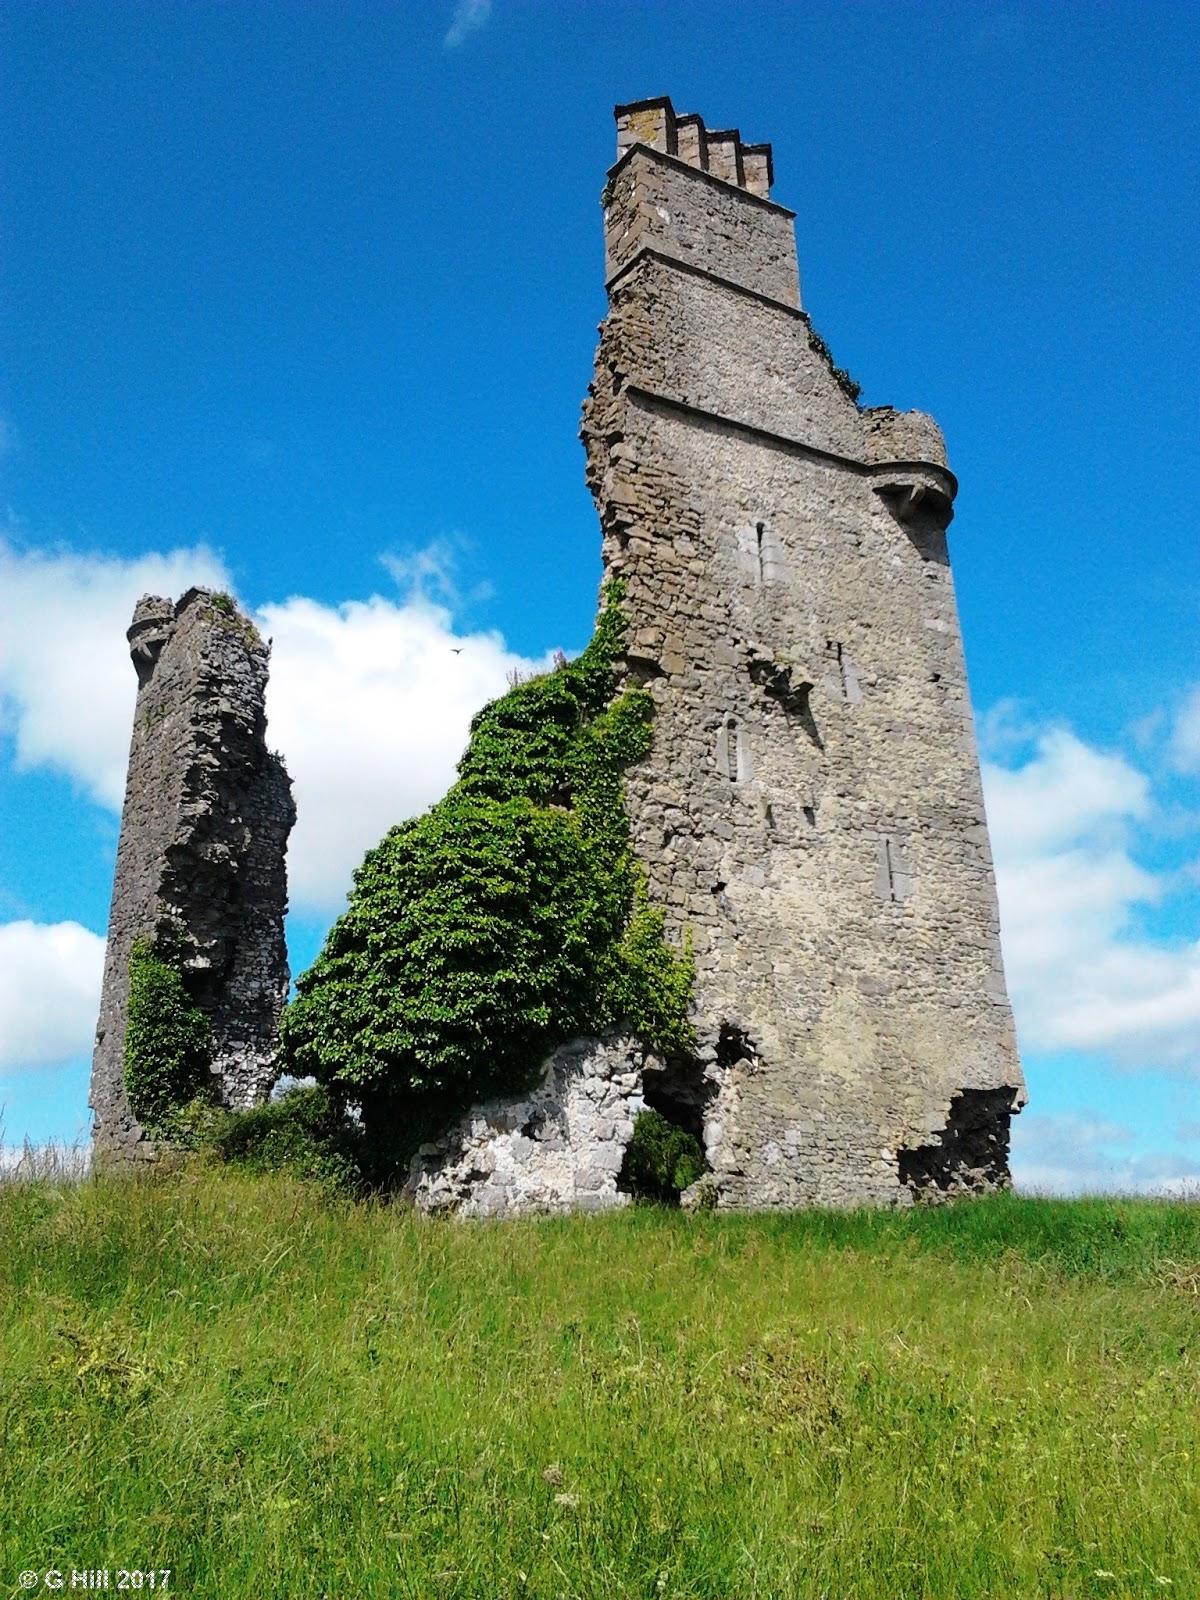 ireland in ruins: 2017